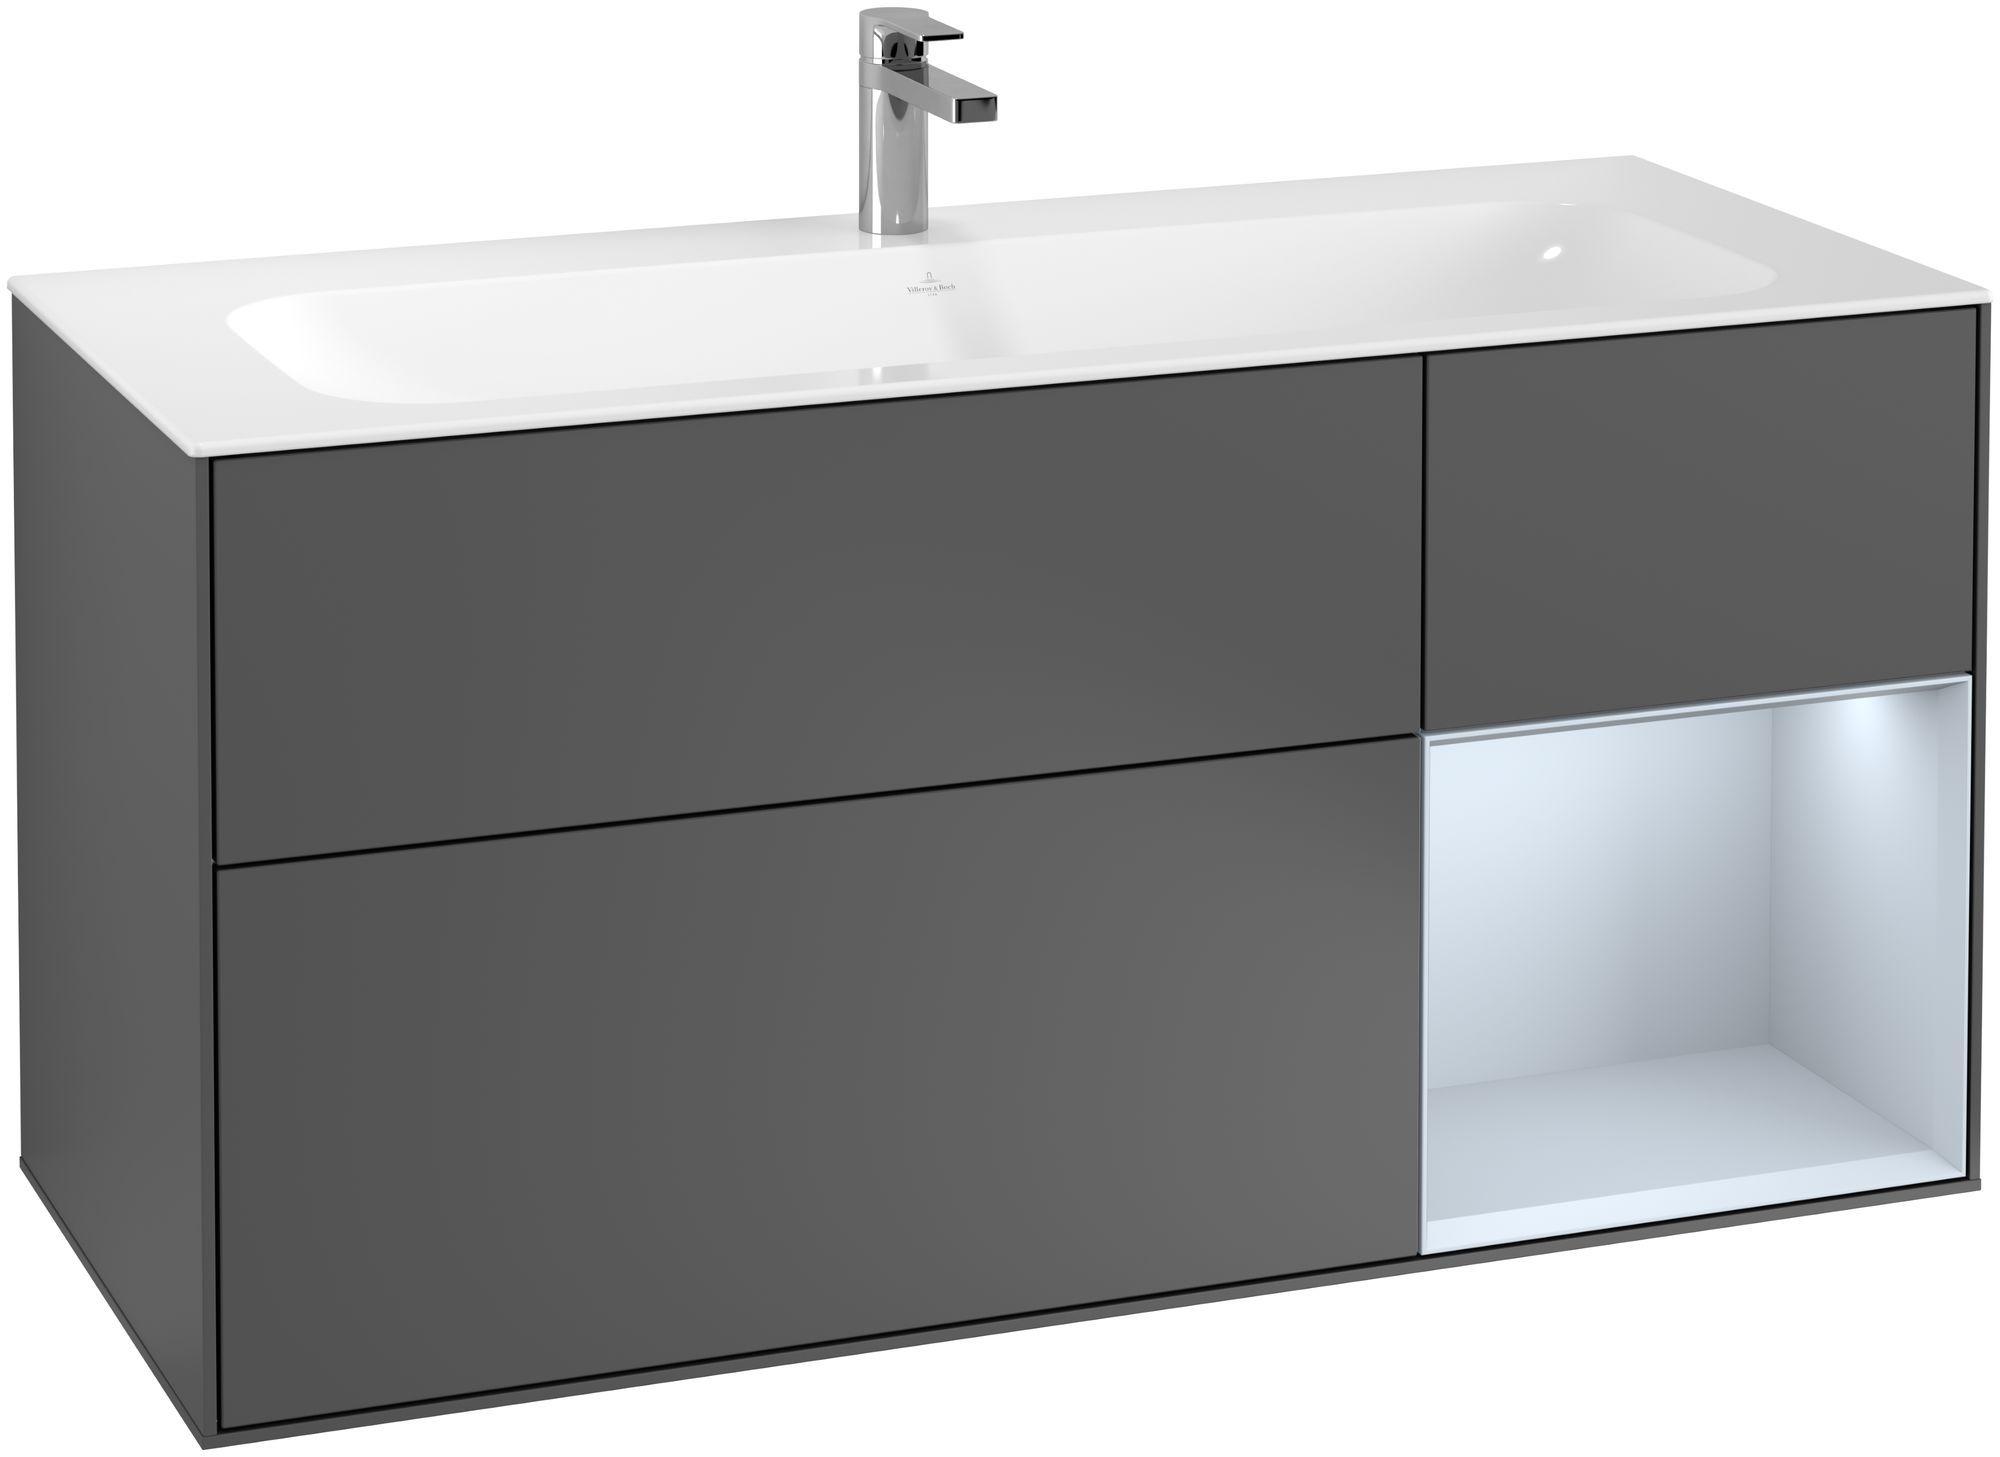 Villeroy & Boch Finion F07 Waschtischunterschrank mit Regalelement 3 Auszüge LED-Beleuchtung B:119,6xH:59,1xT:49,8cm Front, Korpus: Anthracite Matt, Regal: Cloud F070HAGK